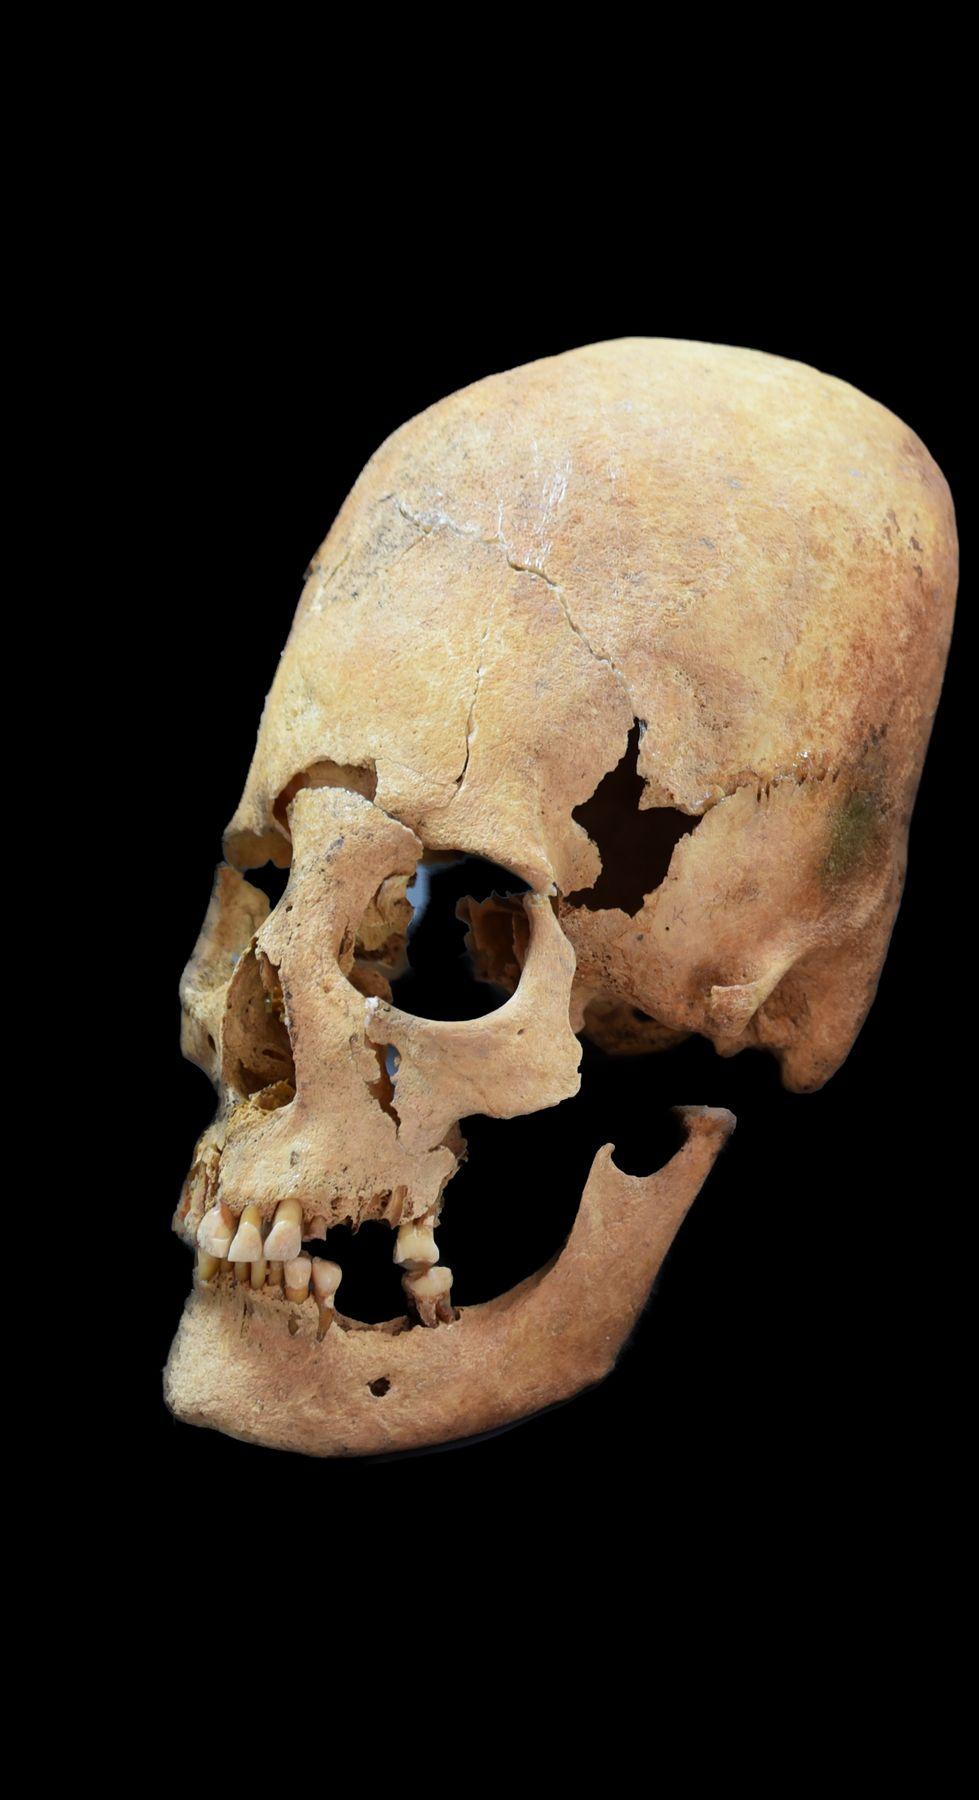 Artificially Deformed Female Skull